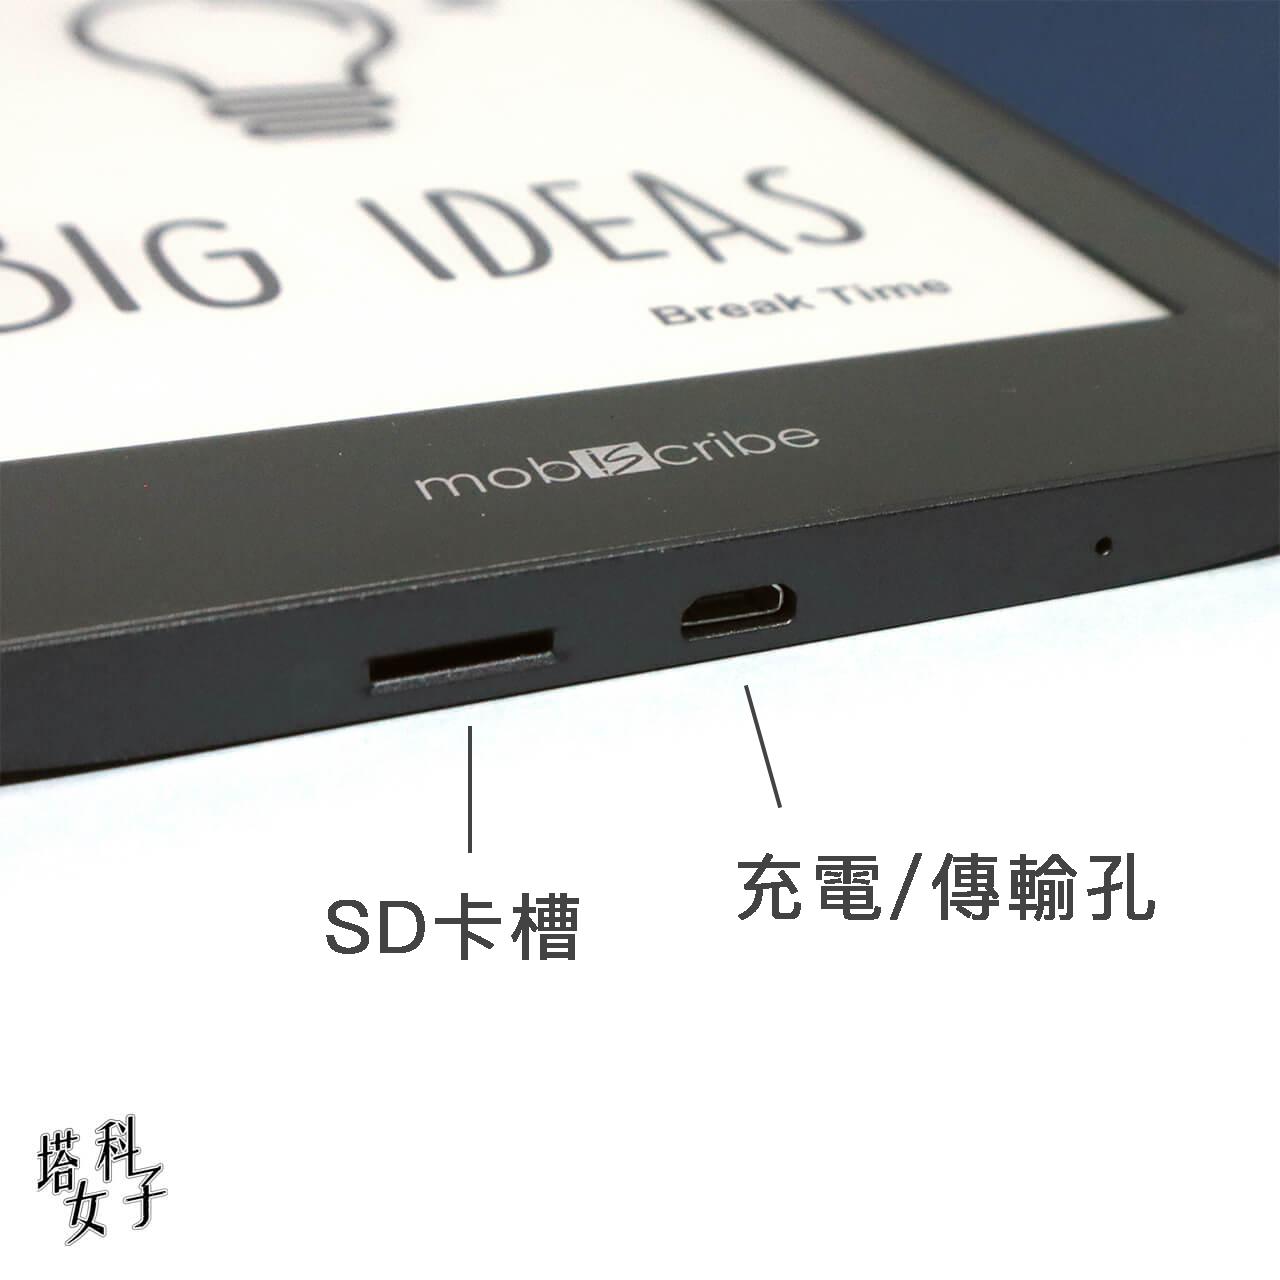 Mobiscribe 電子筆記本+閱讀器 下方孔位